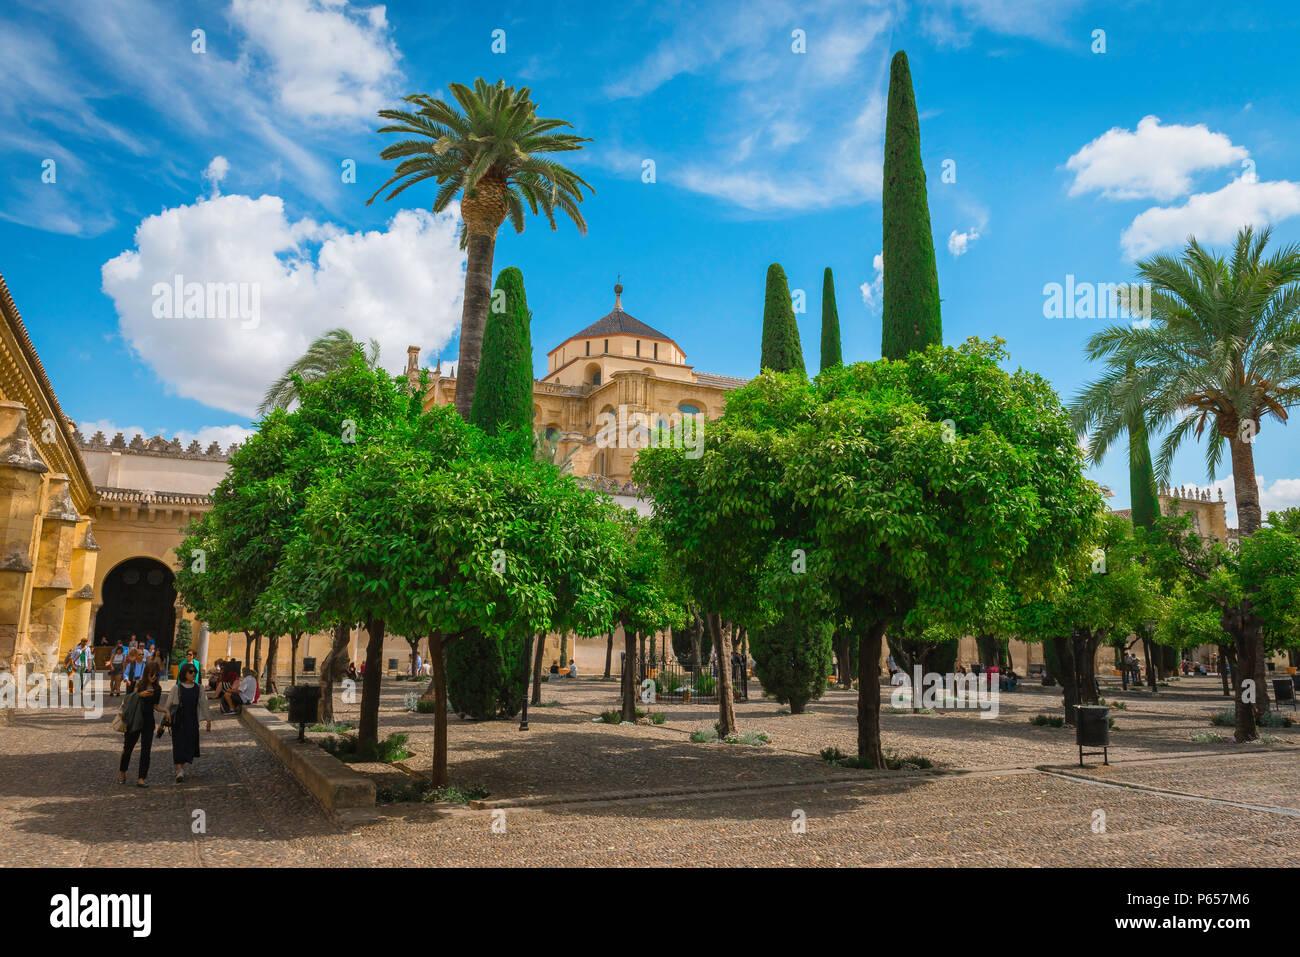 Vue sur le Patio de los Naranjos (la Cour des Orangers) dans la Mosquée Cathédrale de Cordoue (La Mezquita) à Cordoba (Cordoue), Andalousie, espagne. Photo Stock